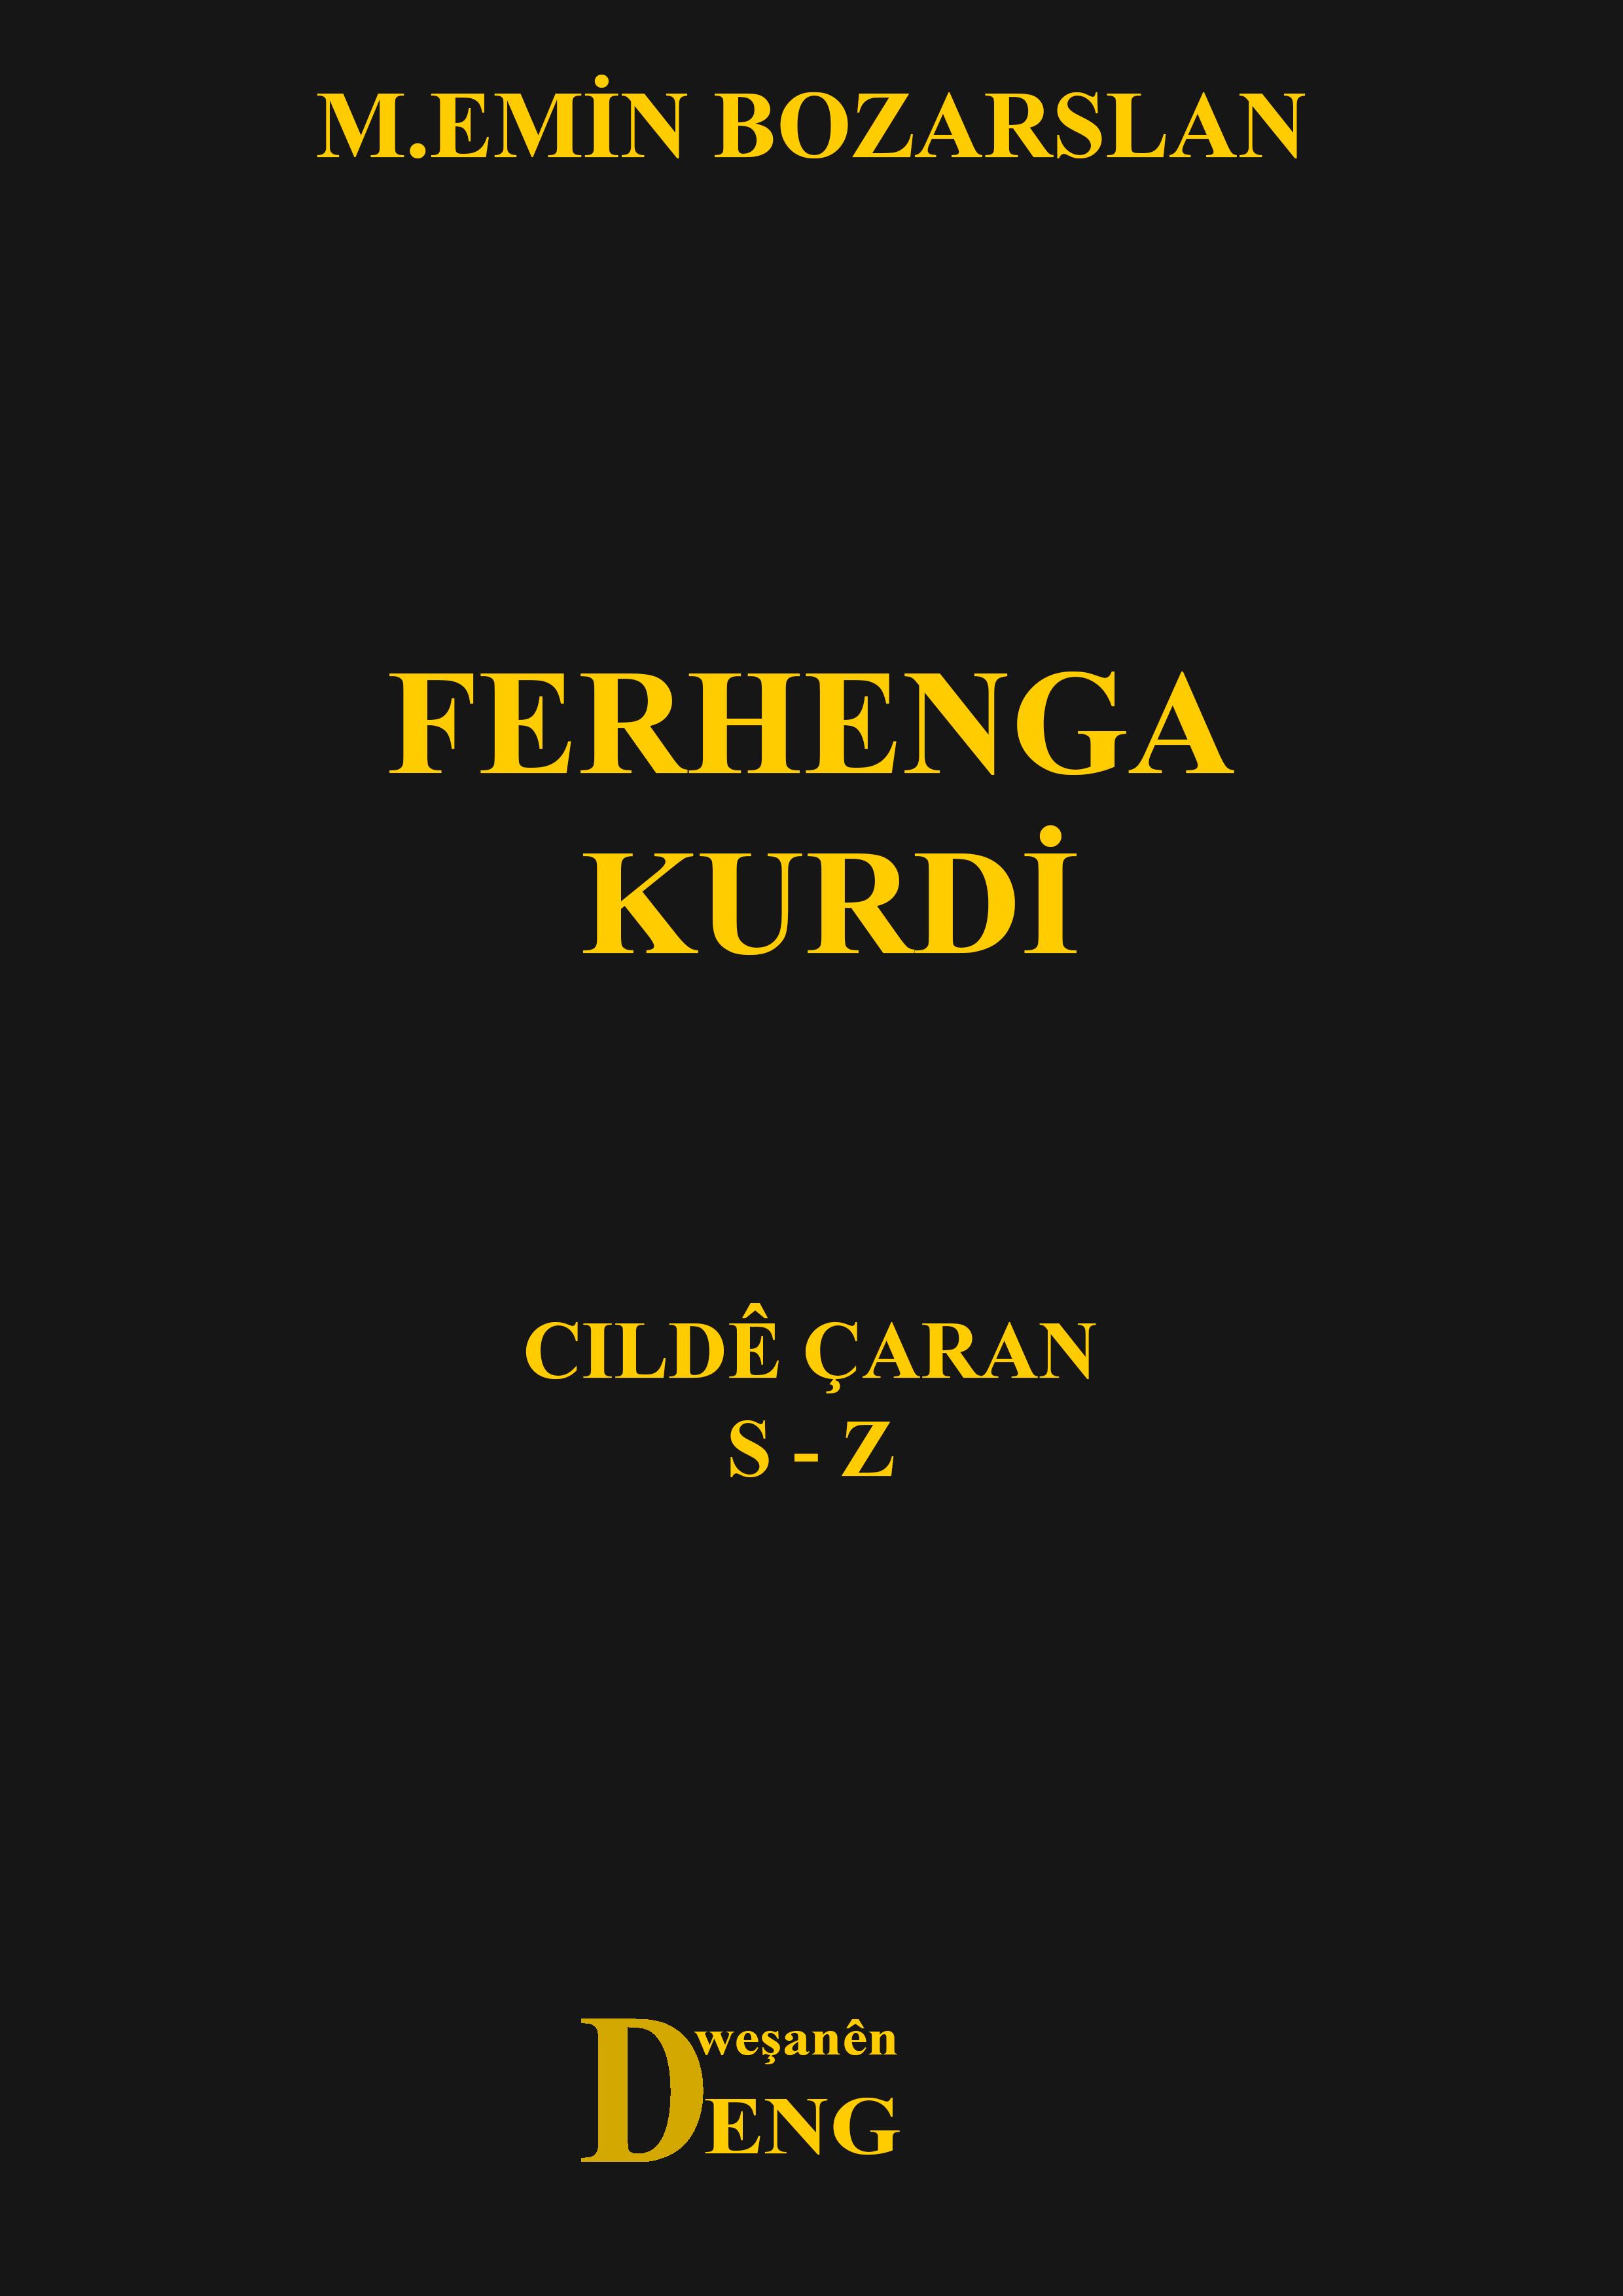 Ferhenga Kurdi Cıldê Çaran S-Z Kitap Resmi